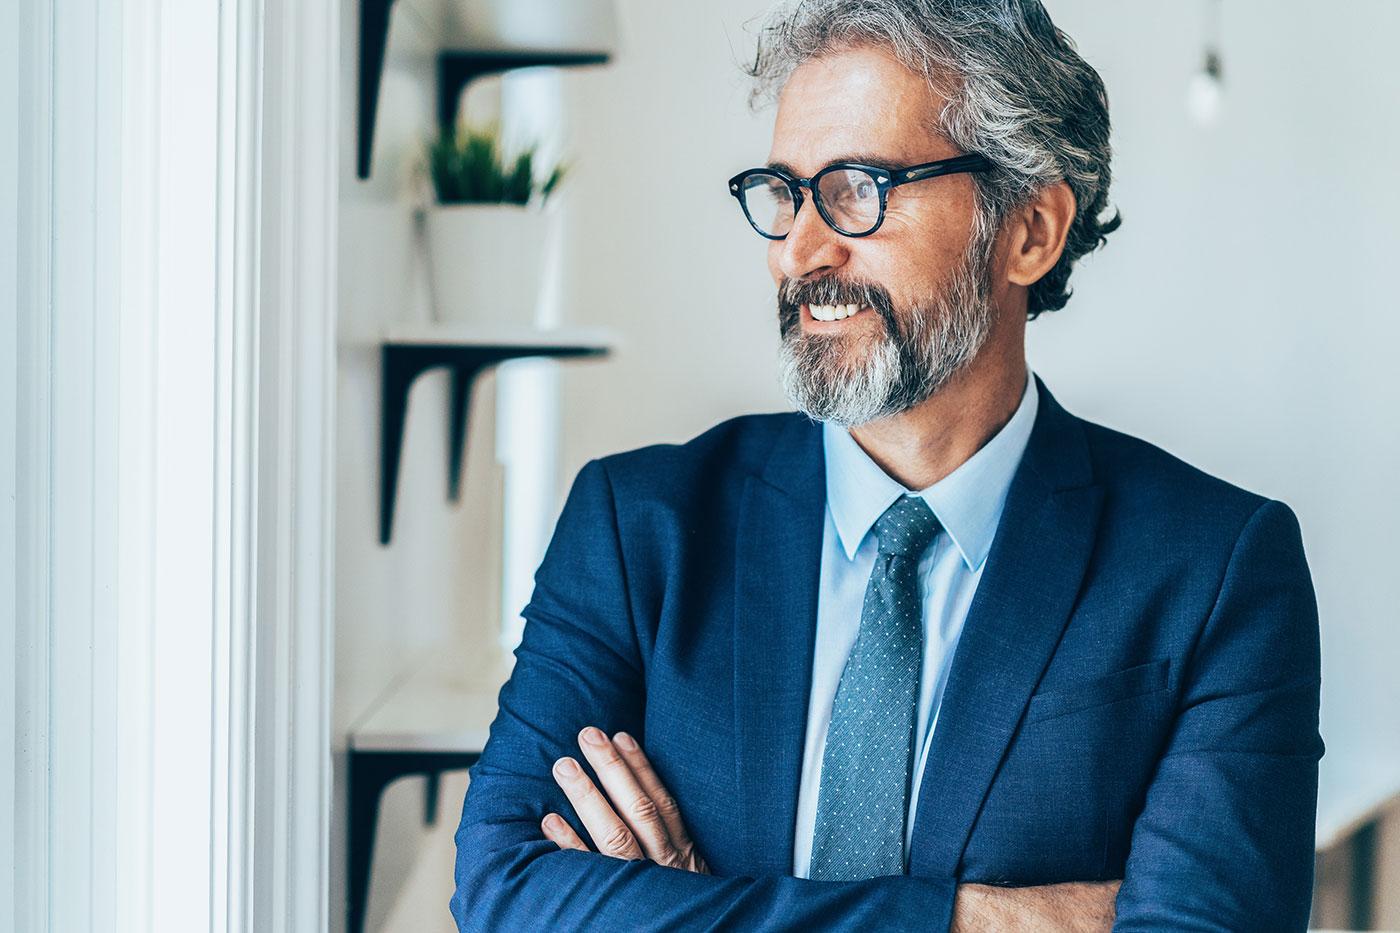 Photo d'un homme d'affaires regardant par la fenêtre, souriant.